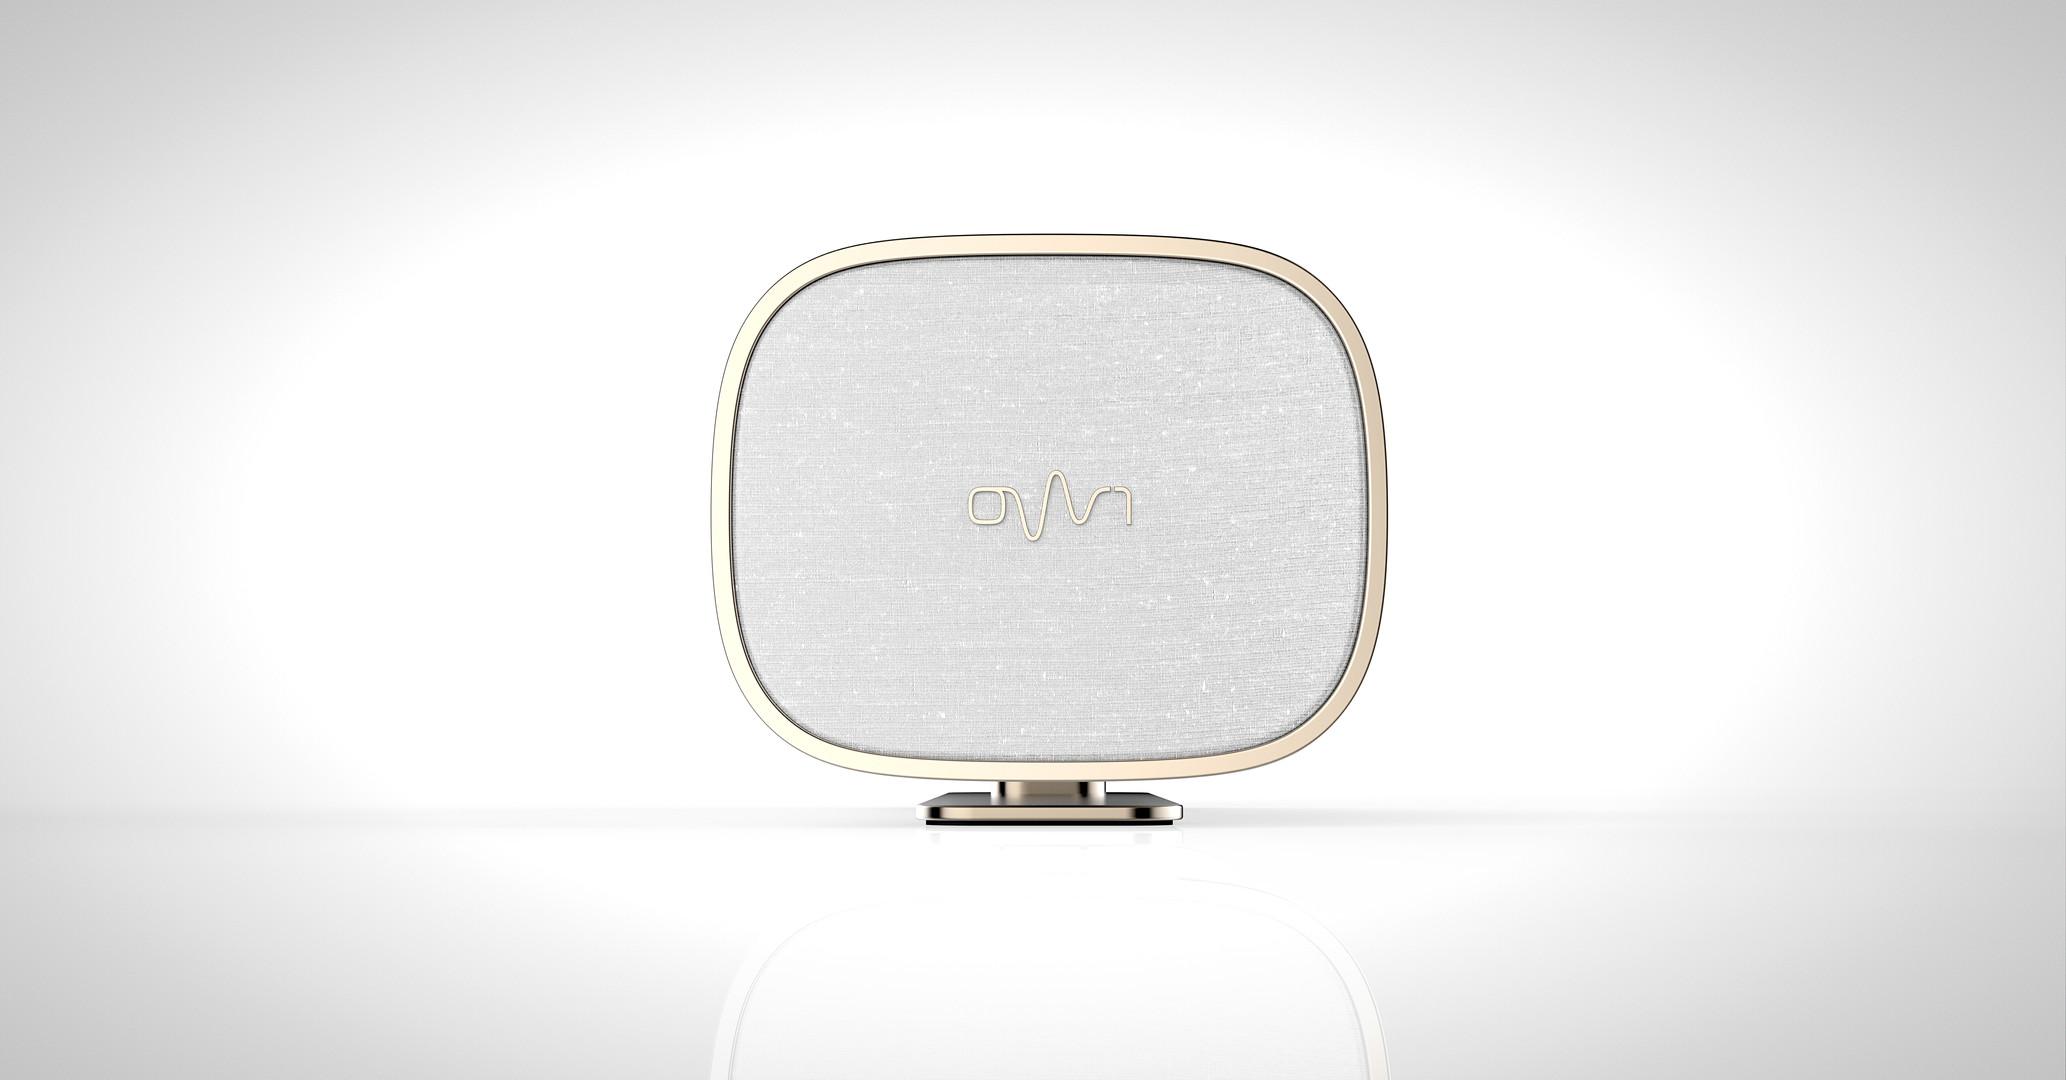 0W1 Portable Audio Speakers